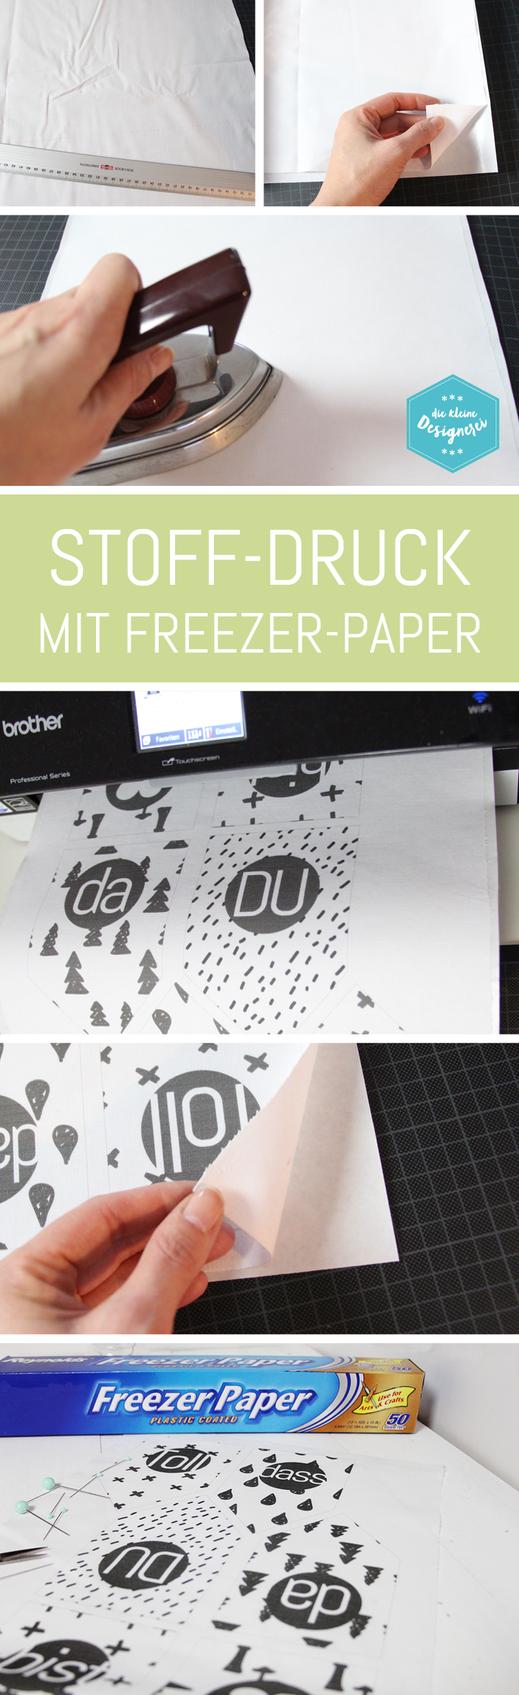 Stffdruck mit Freezer Papier, so geht es ganz einfach: nachlesen und mit dem Tintenstrahldrucker bedrucken auf www.die-kleine-designerei.com